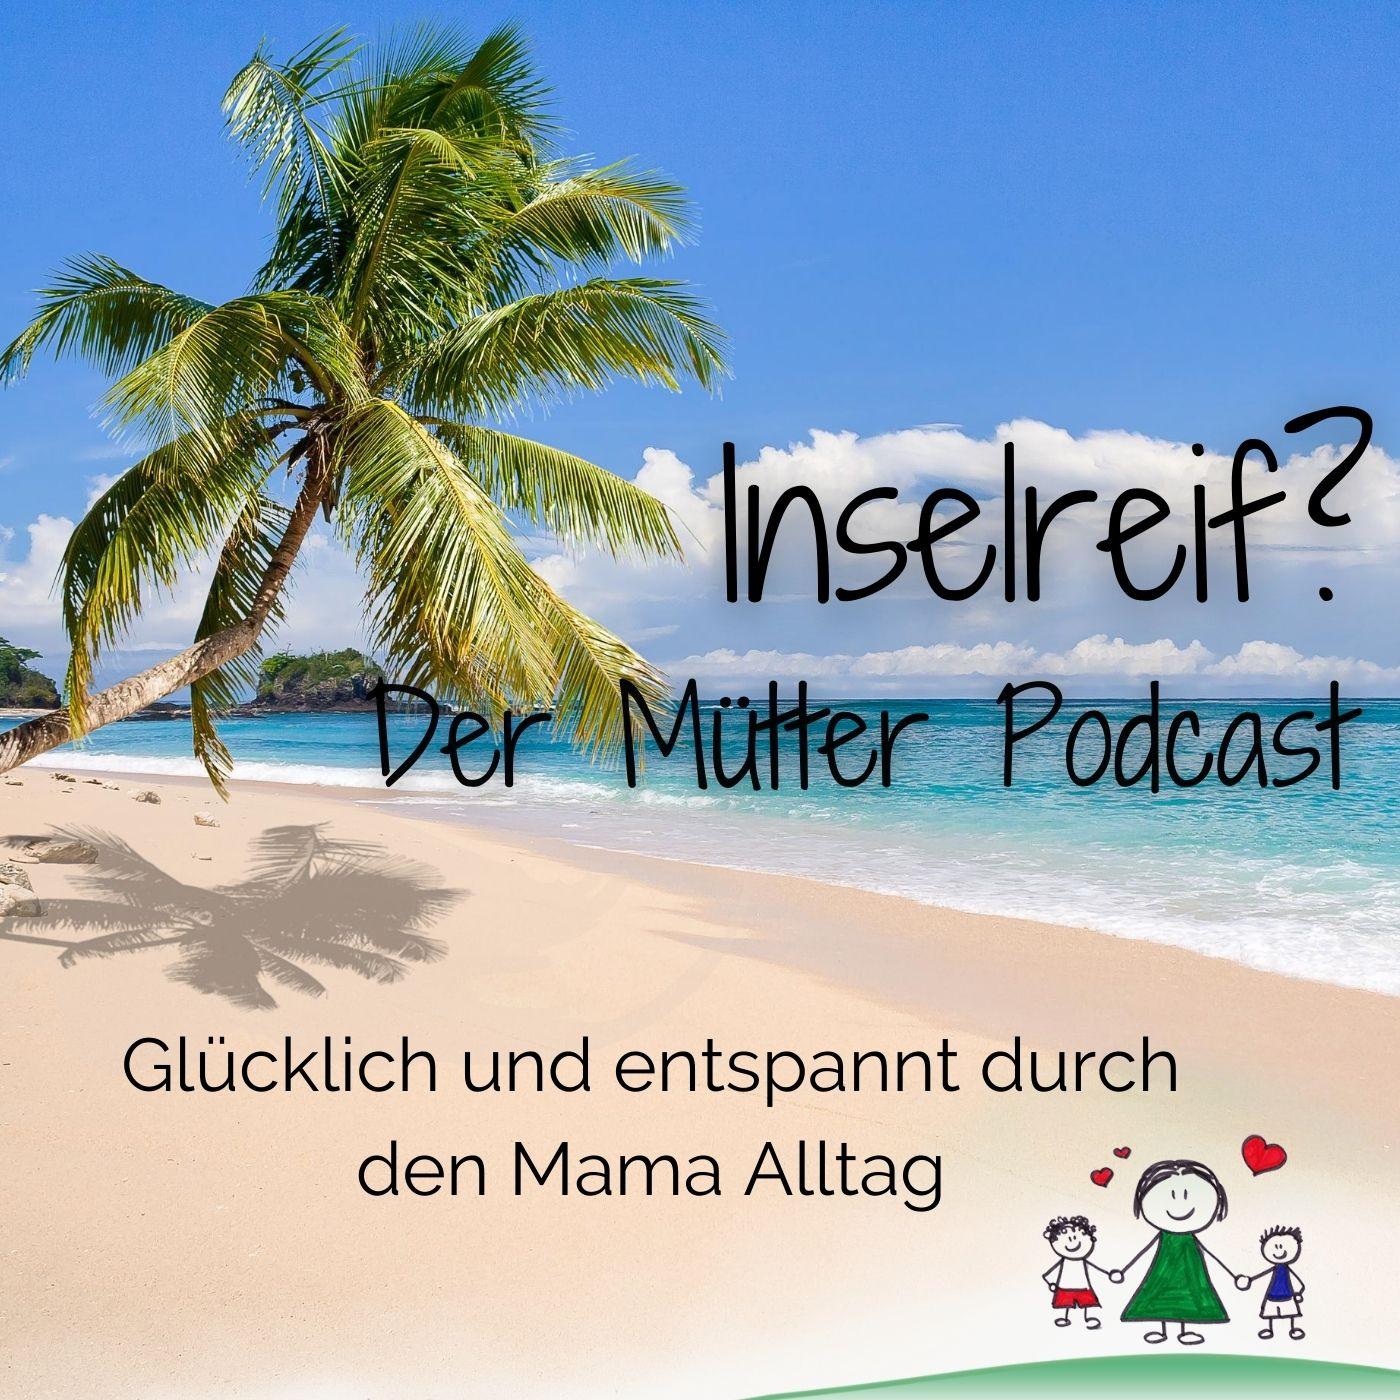 Inselreif Podcast zur Entspannung und Auszeit für Mamas